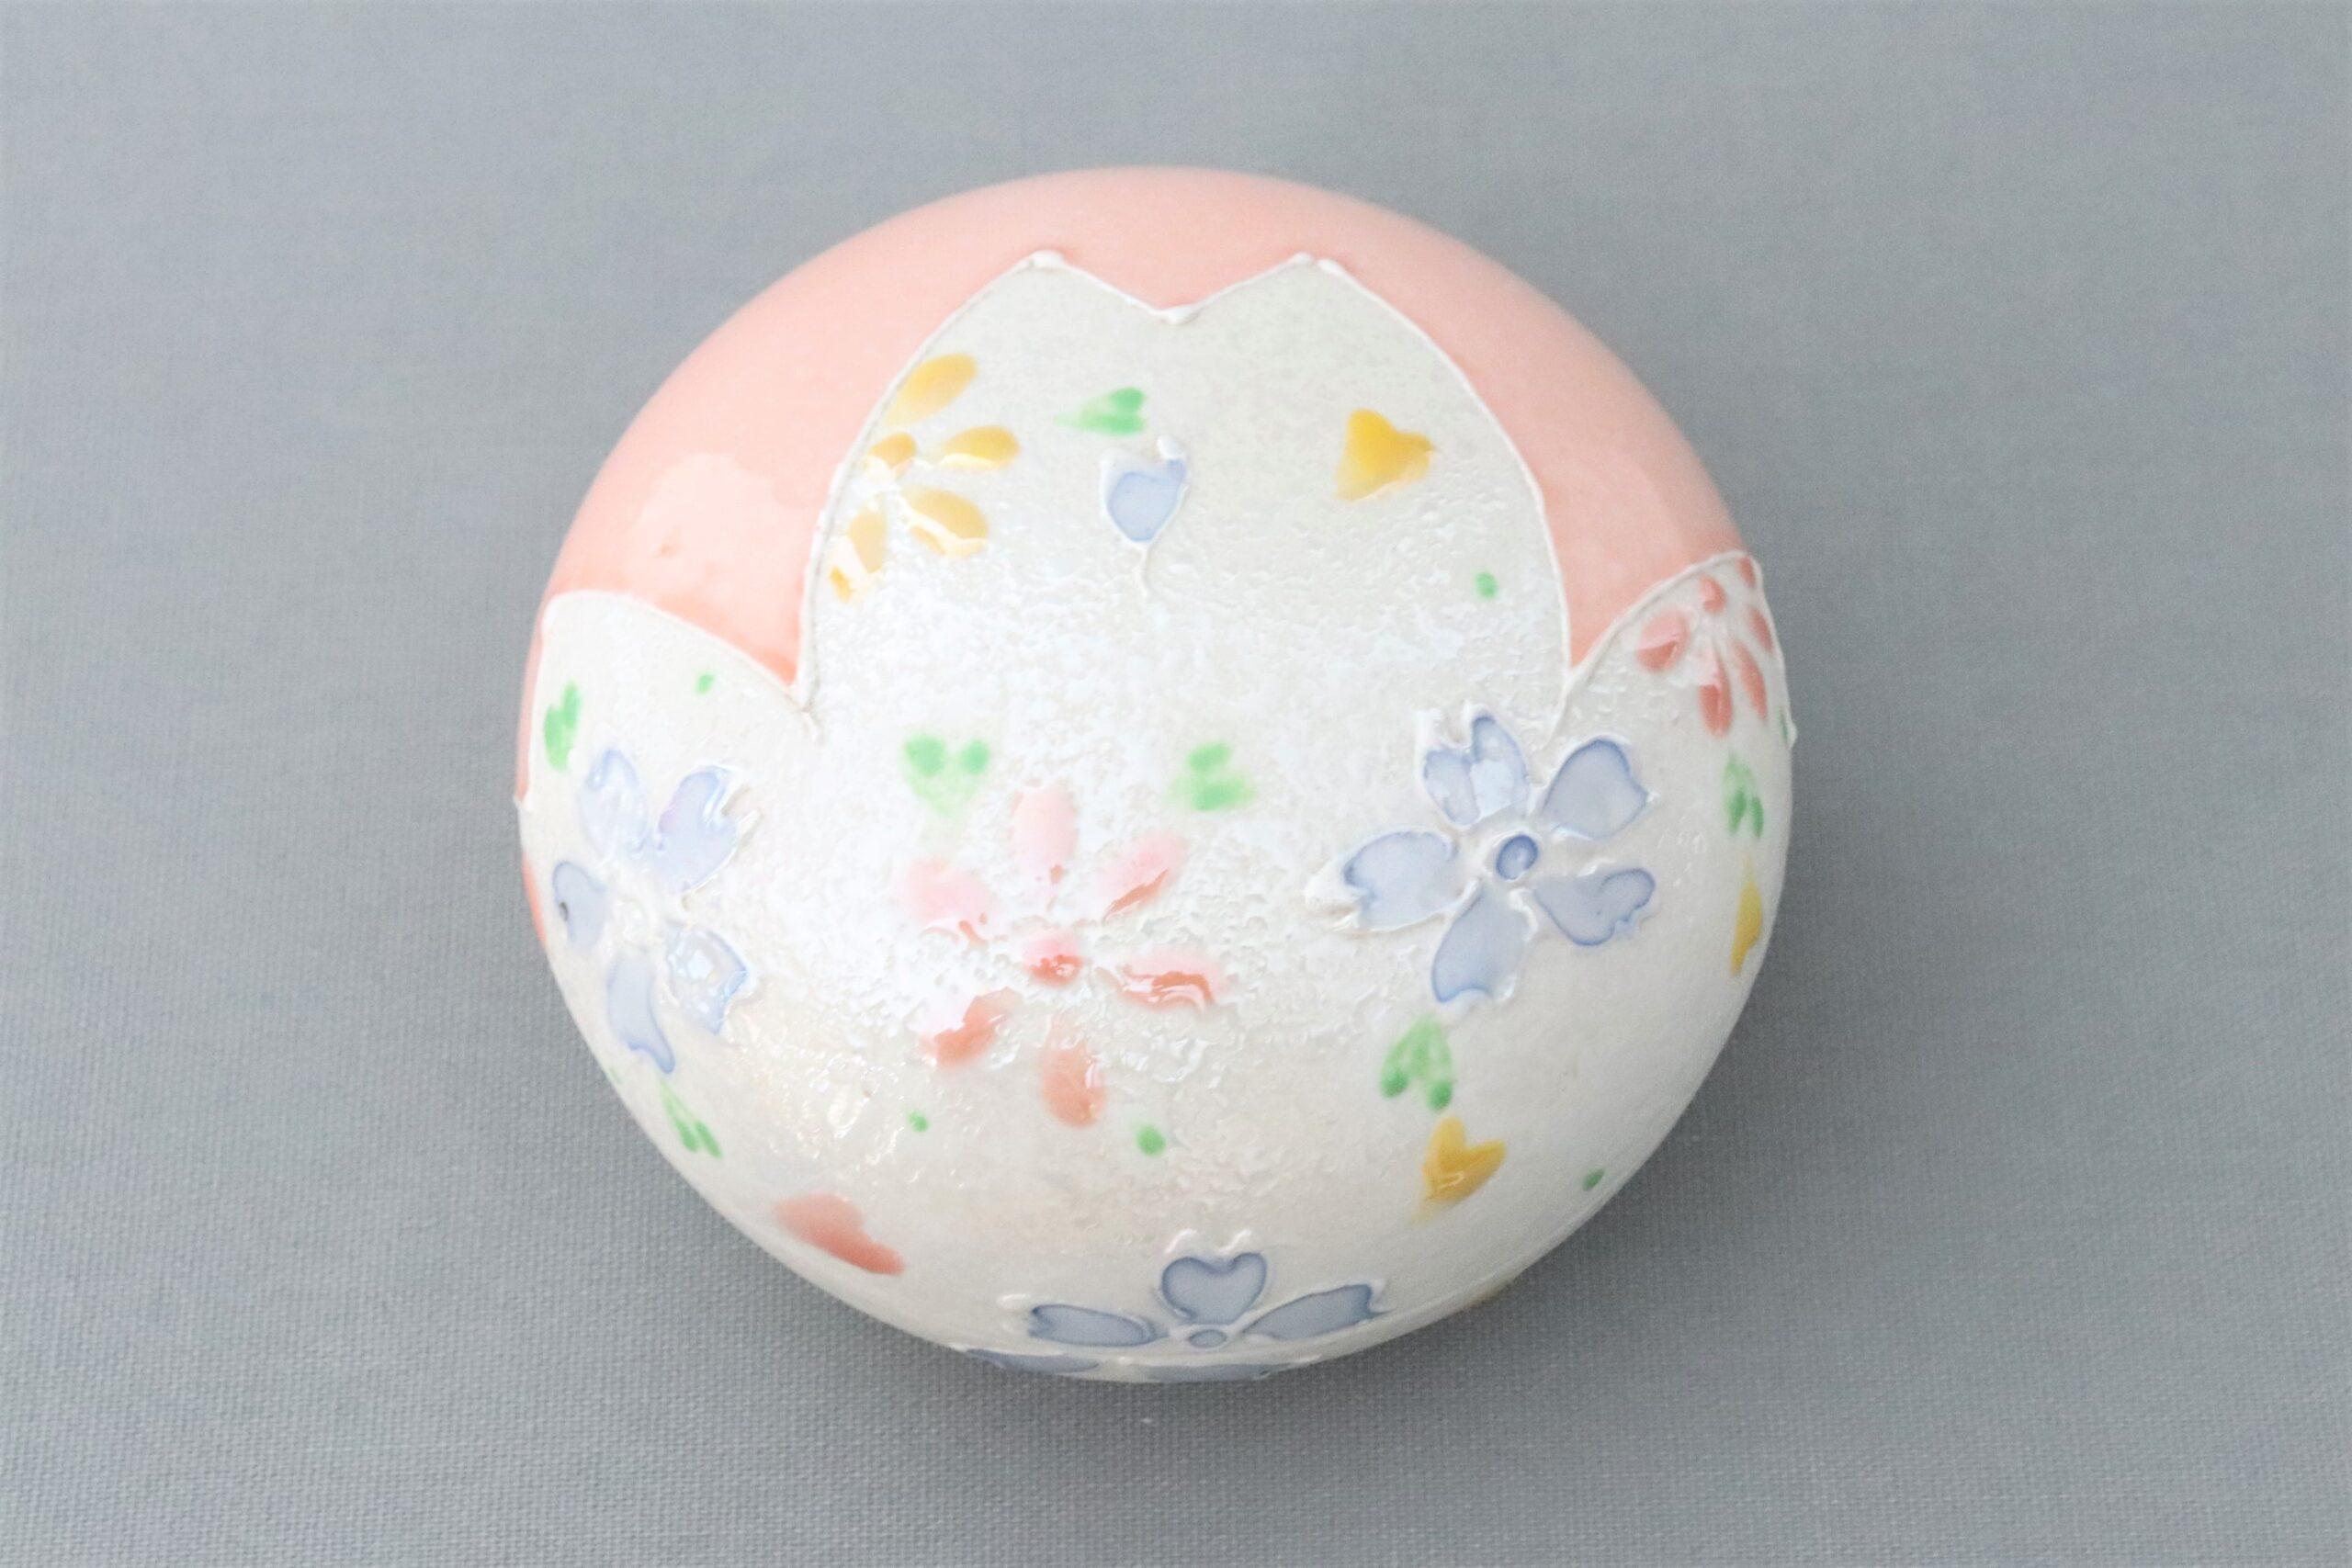 【有田焼】桃釉桜 丸ボンボンニエール